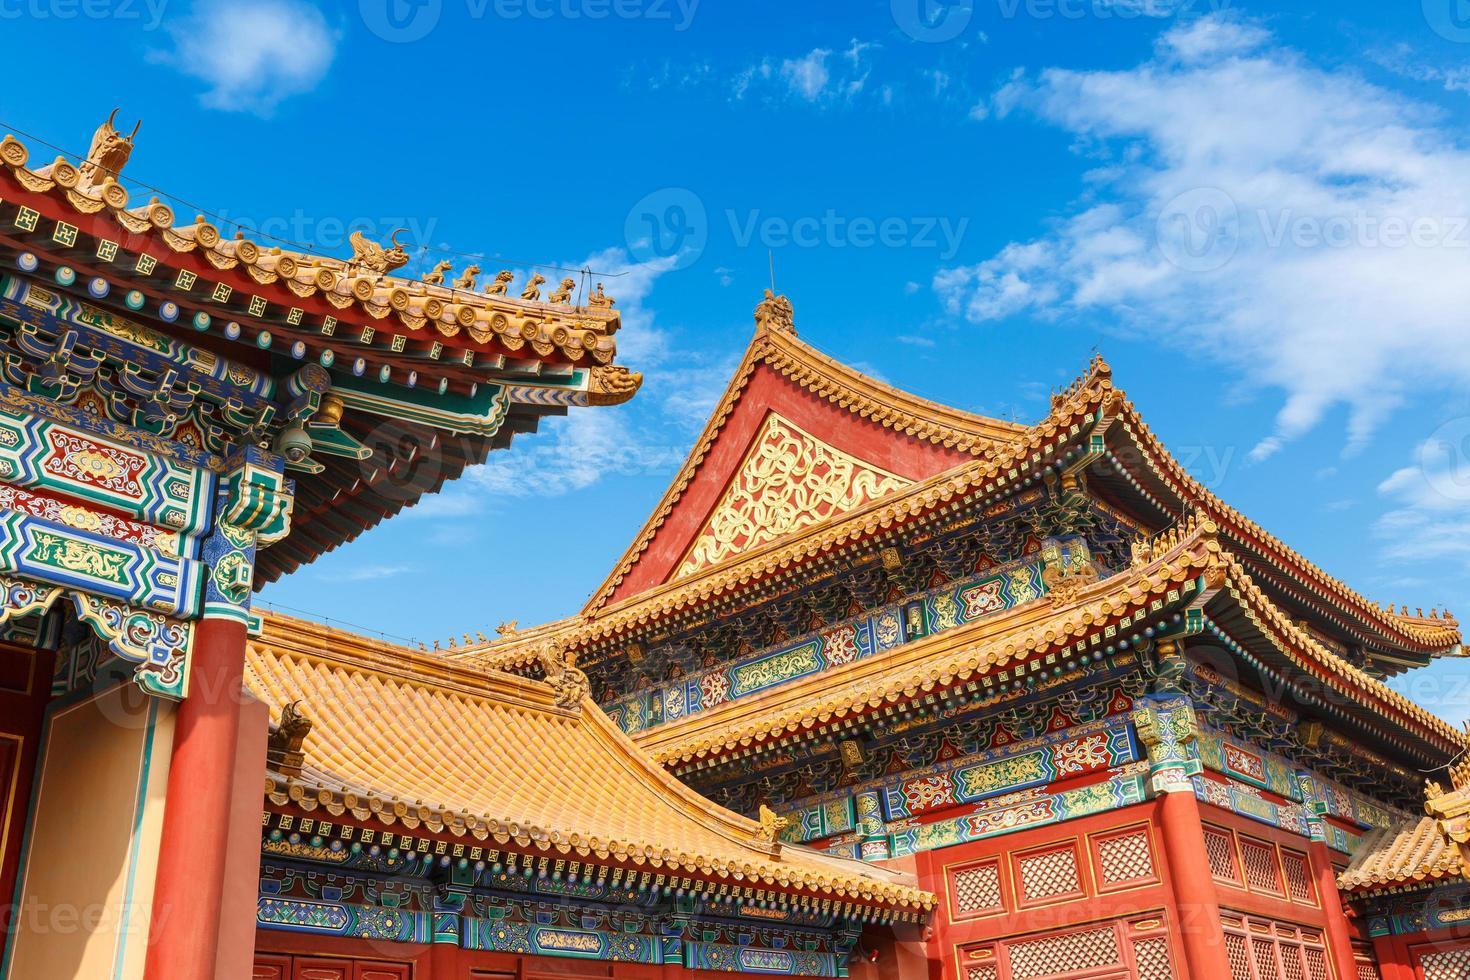 förbjuden stad i Peking, Kina foto